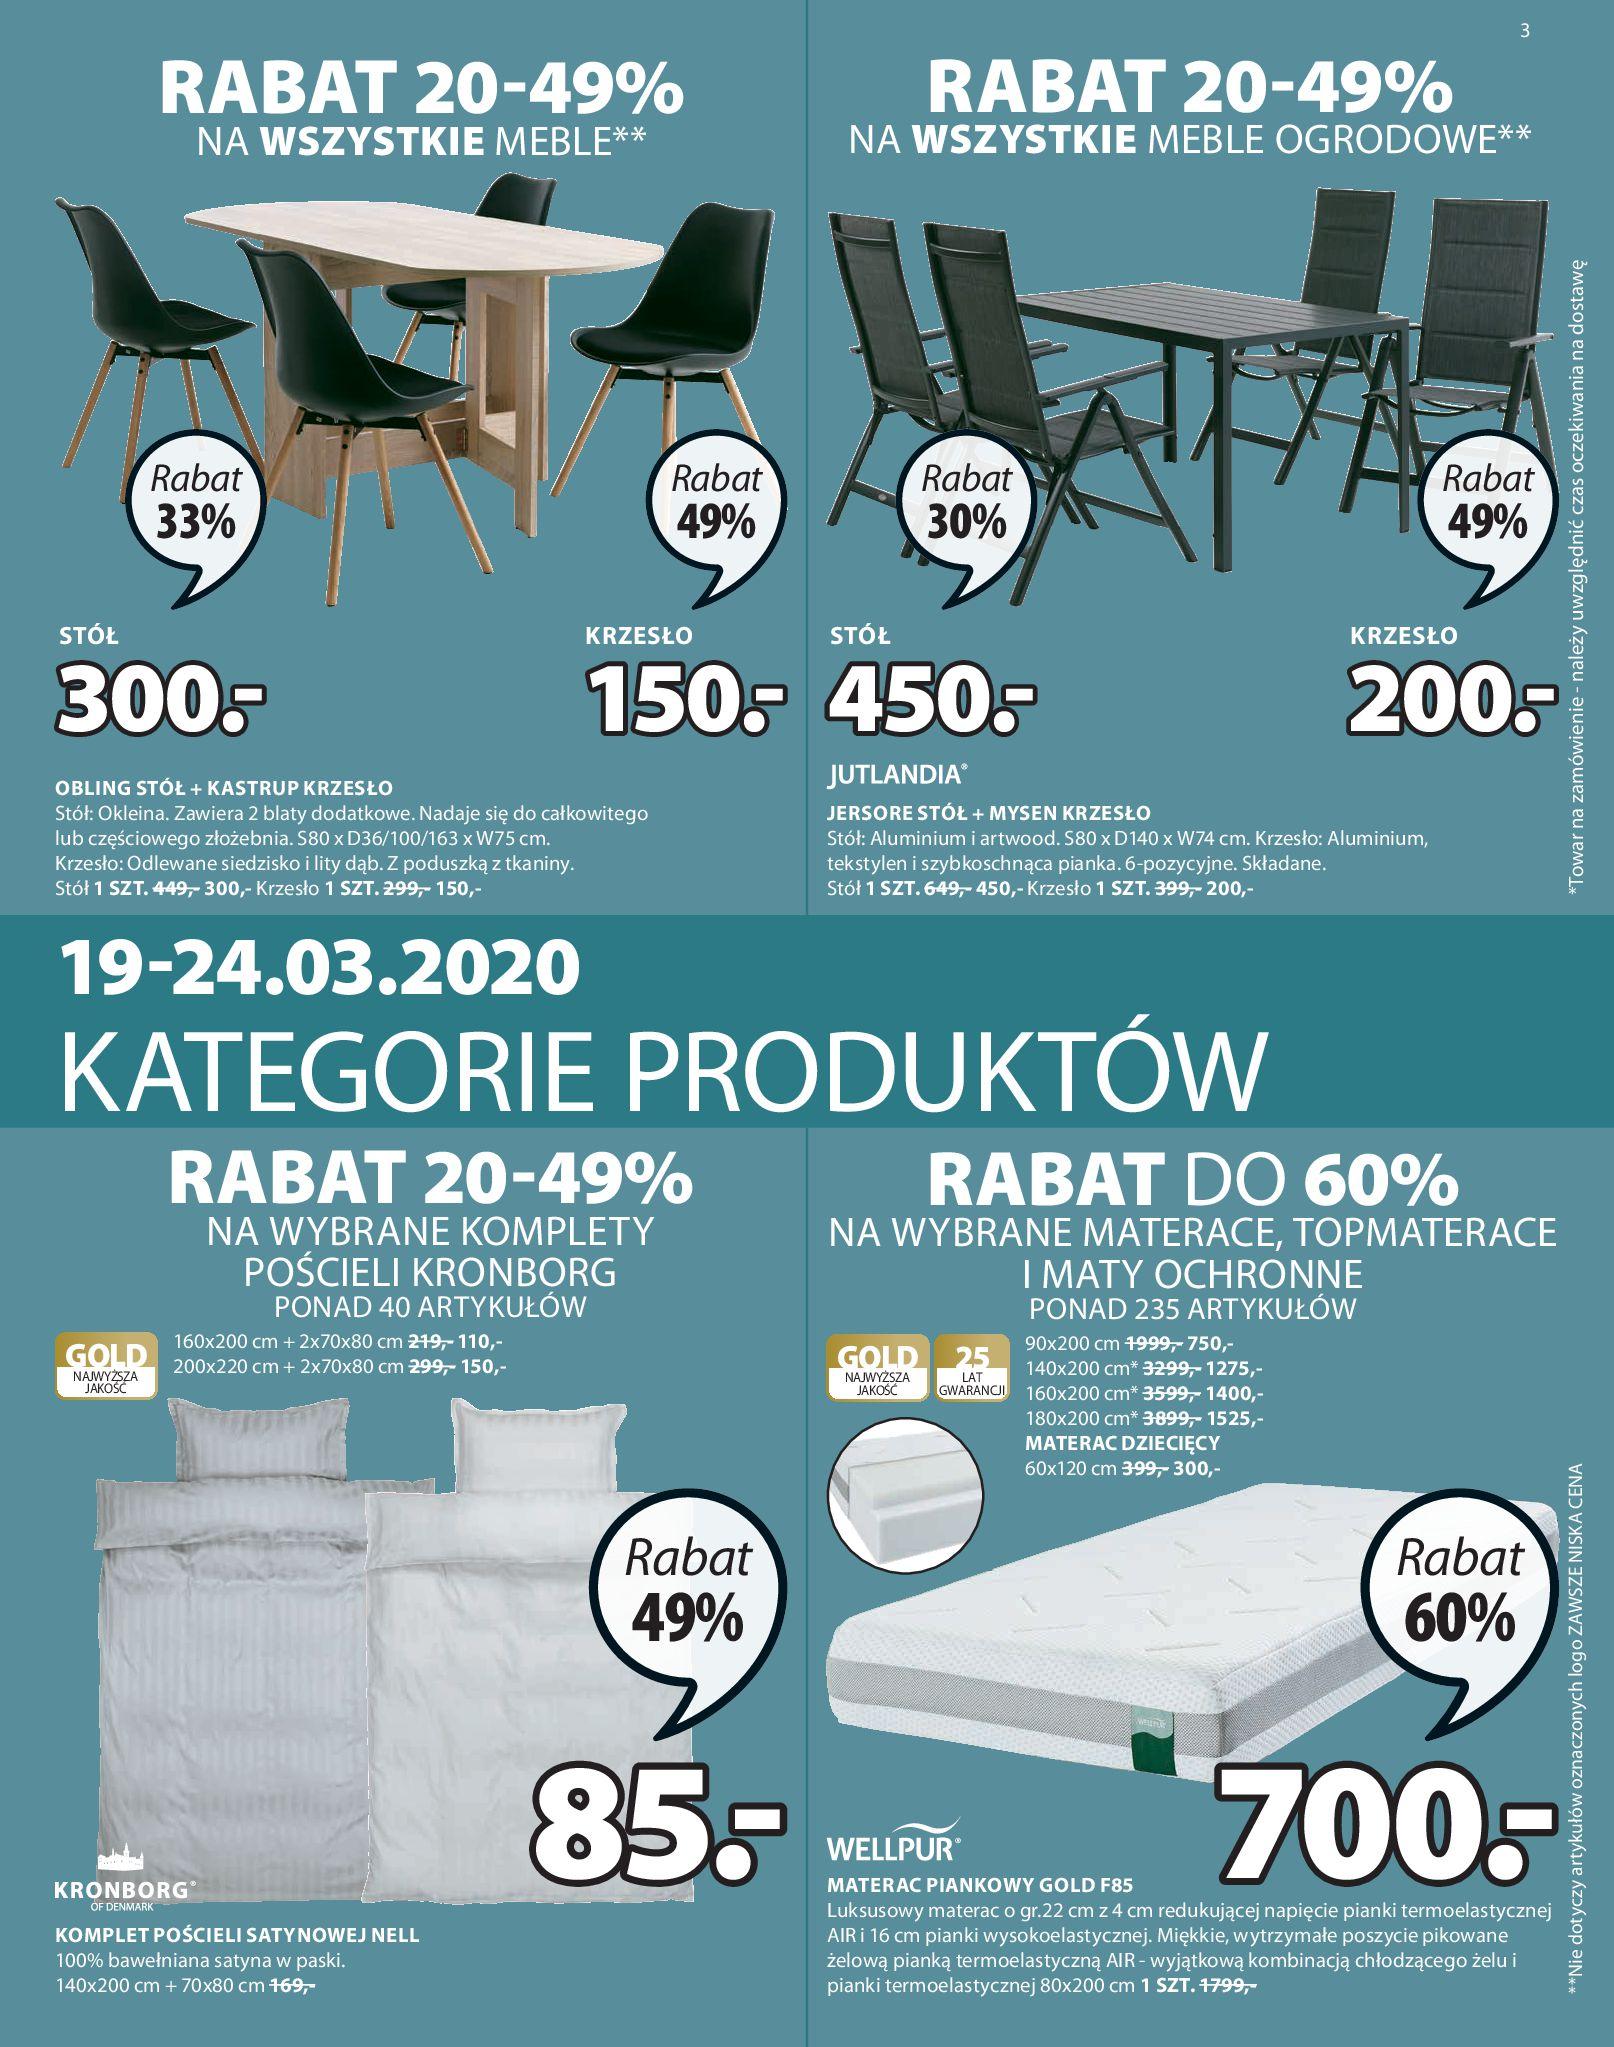 Gazetka Jysk - Oferta tygodnia-18.03.2020-01.04.2020-page-4